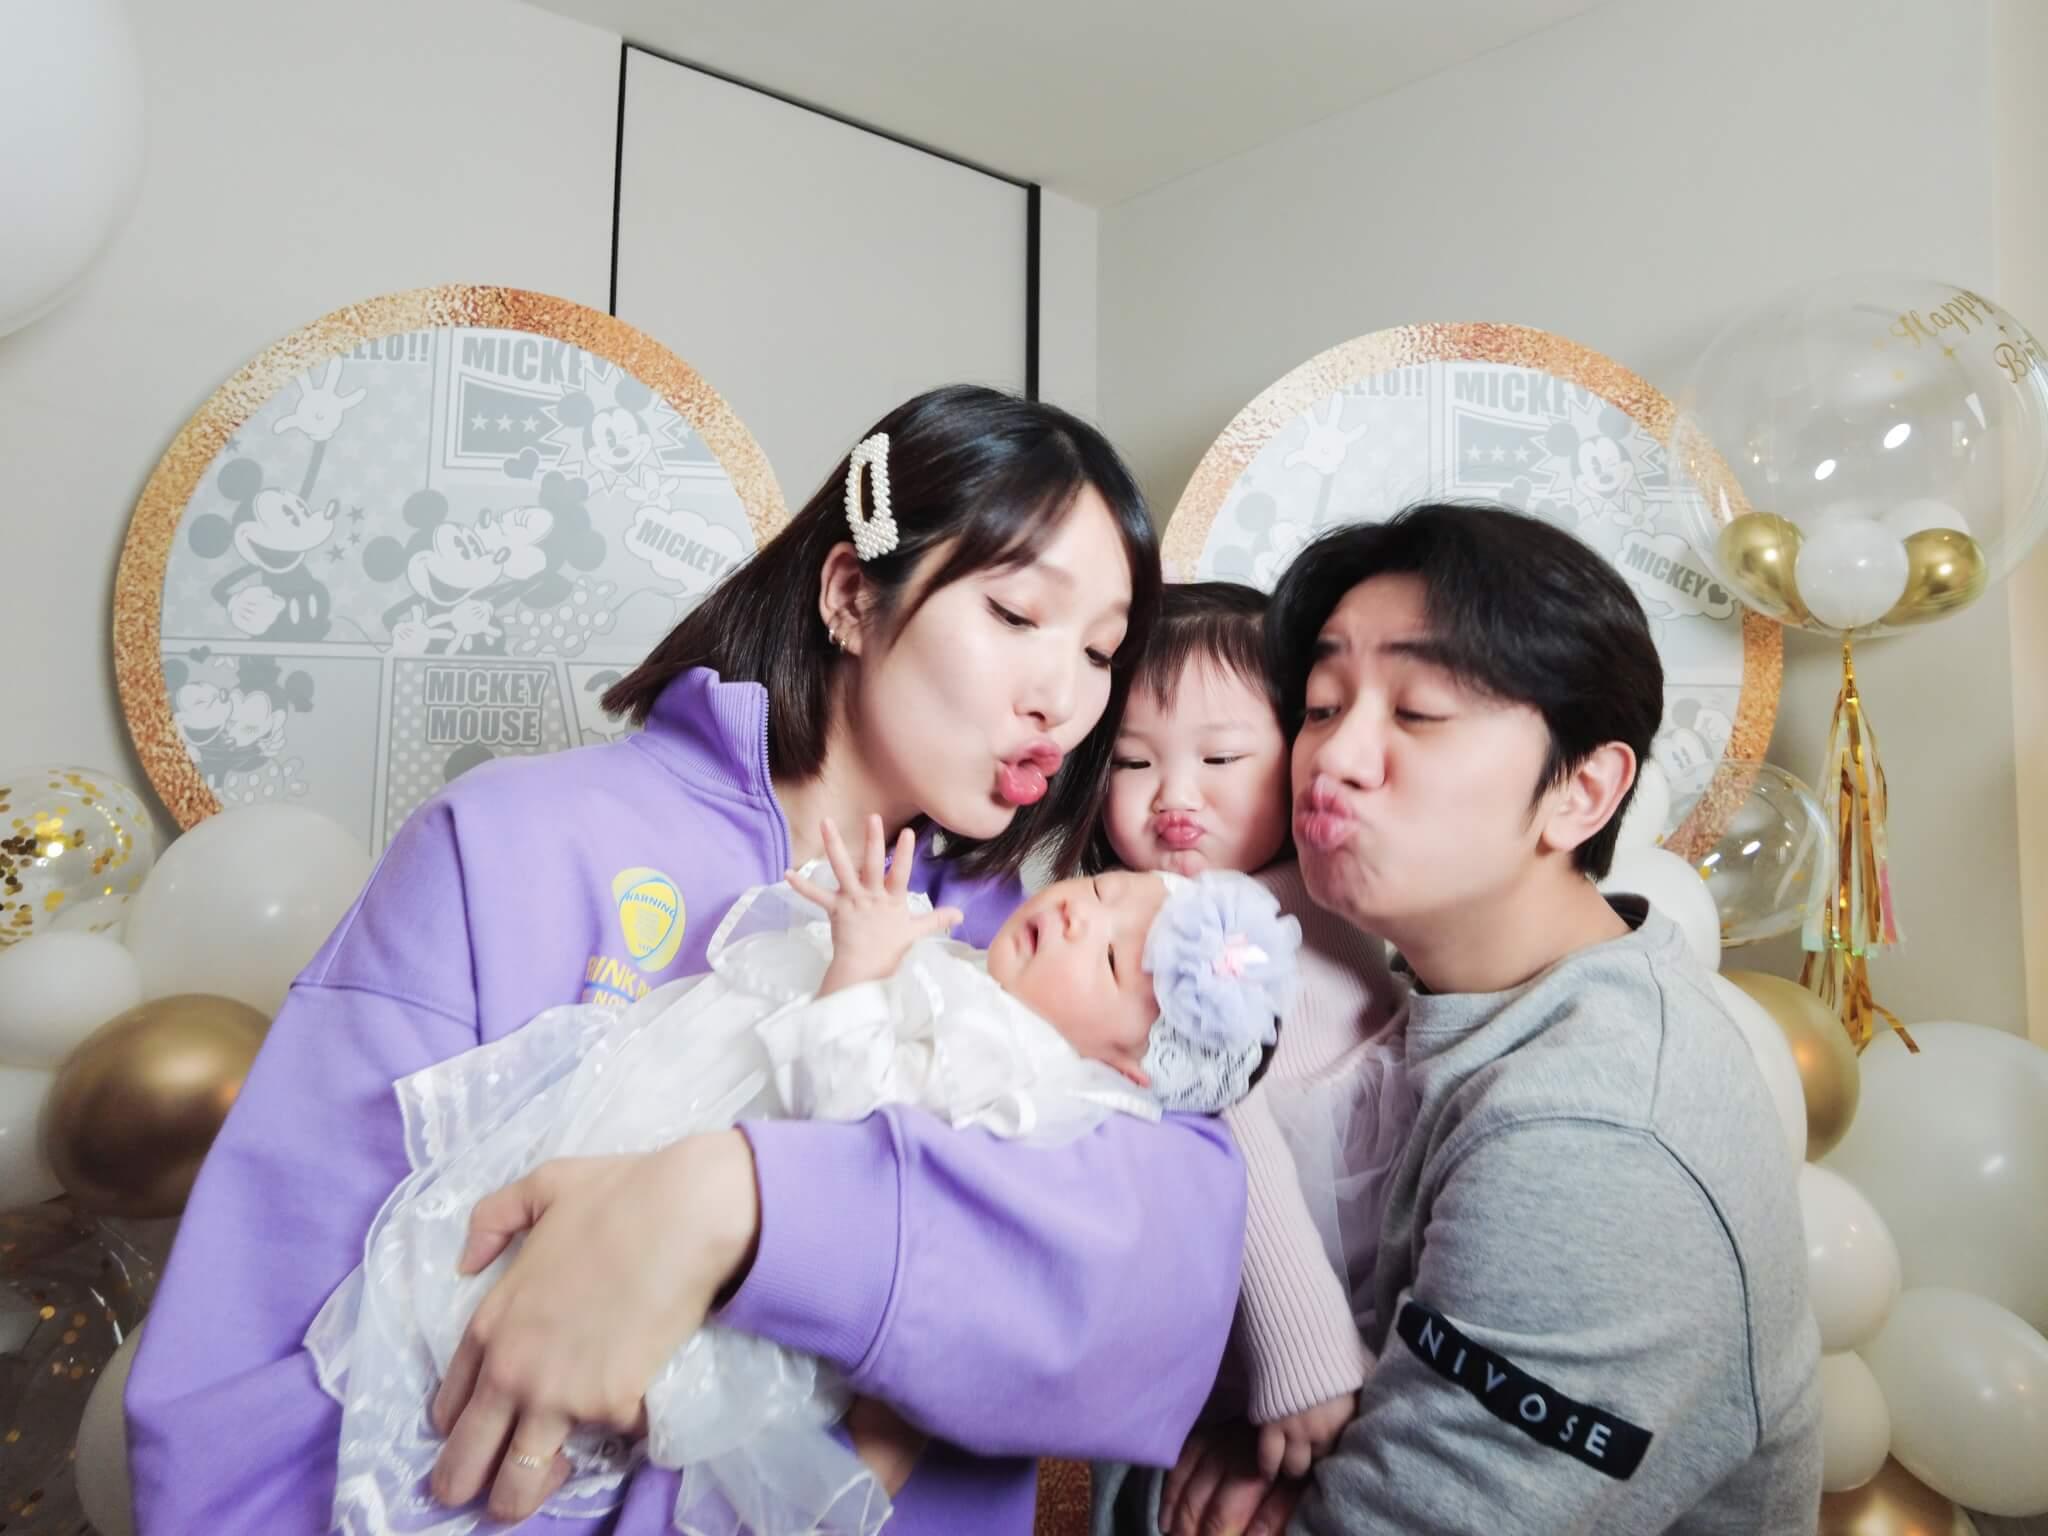 王祖藍與李亞男早前舉行慶祝派對,除了歡迎Hayley出世,還為Gabby慶祝兩歲生日。